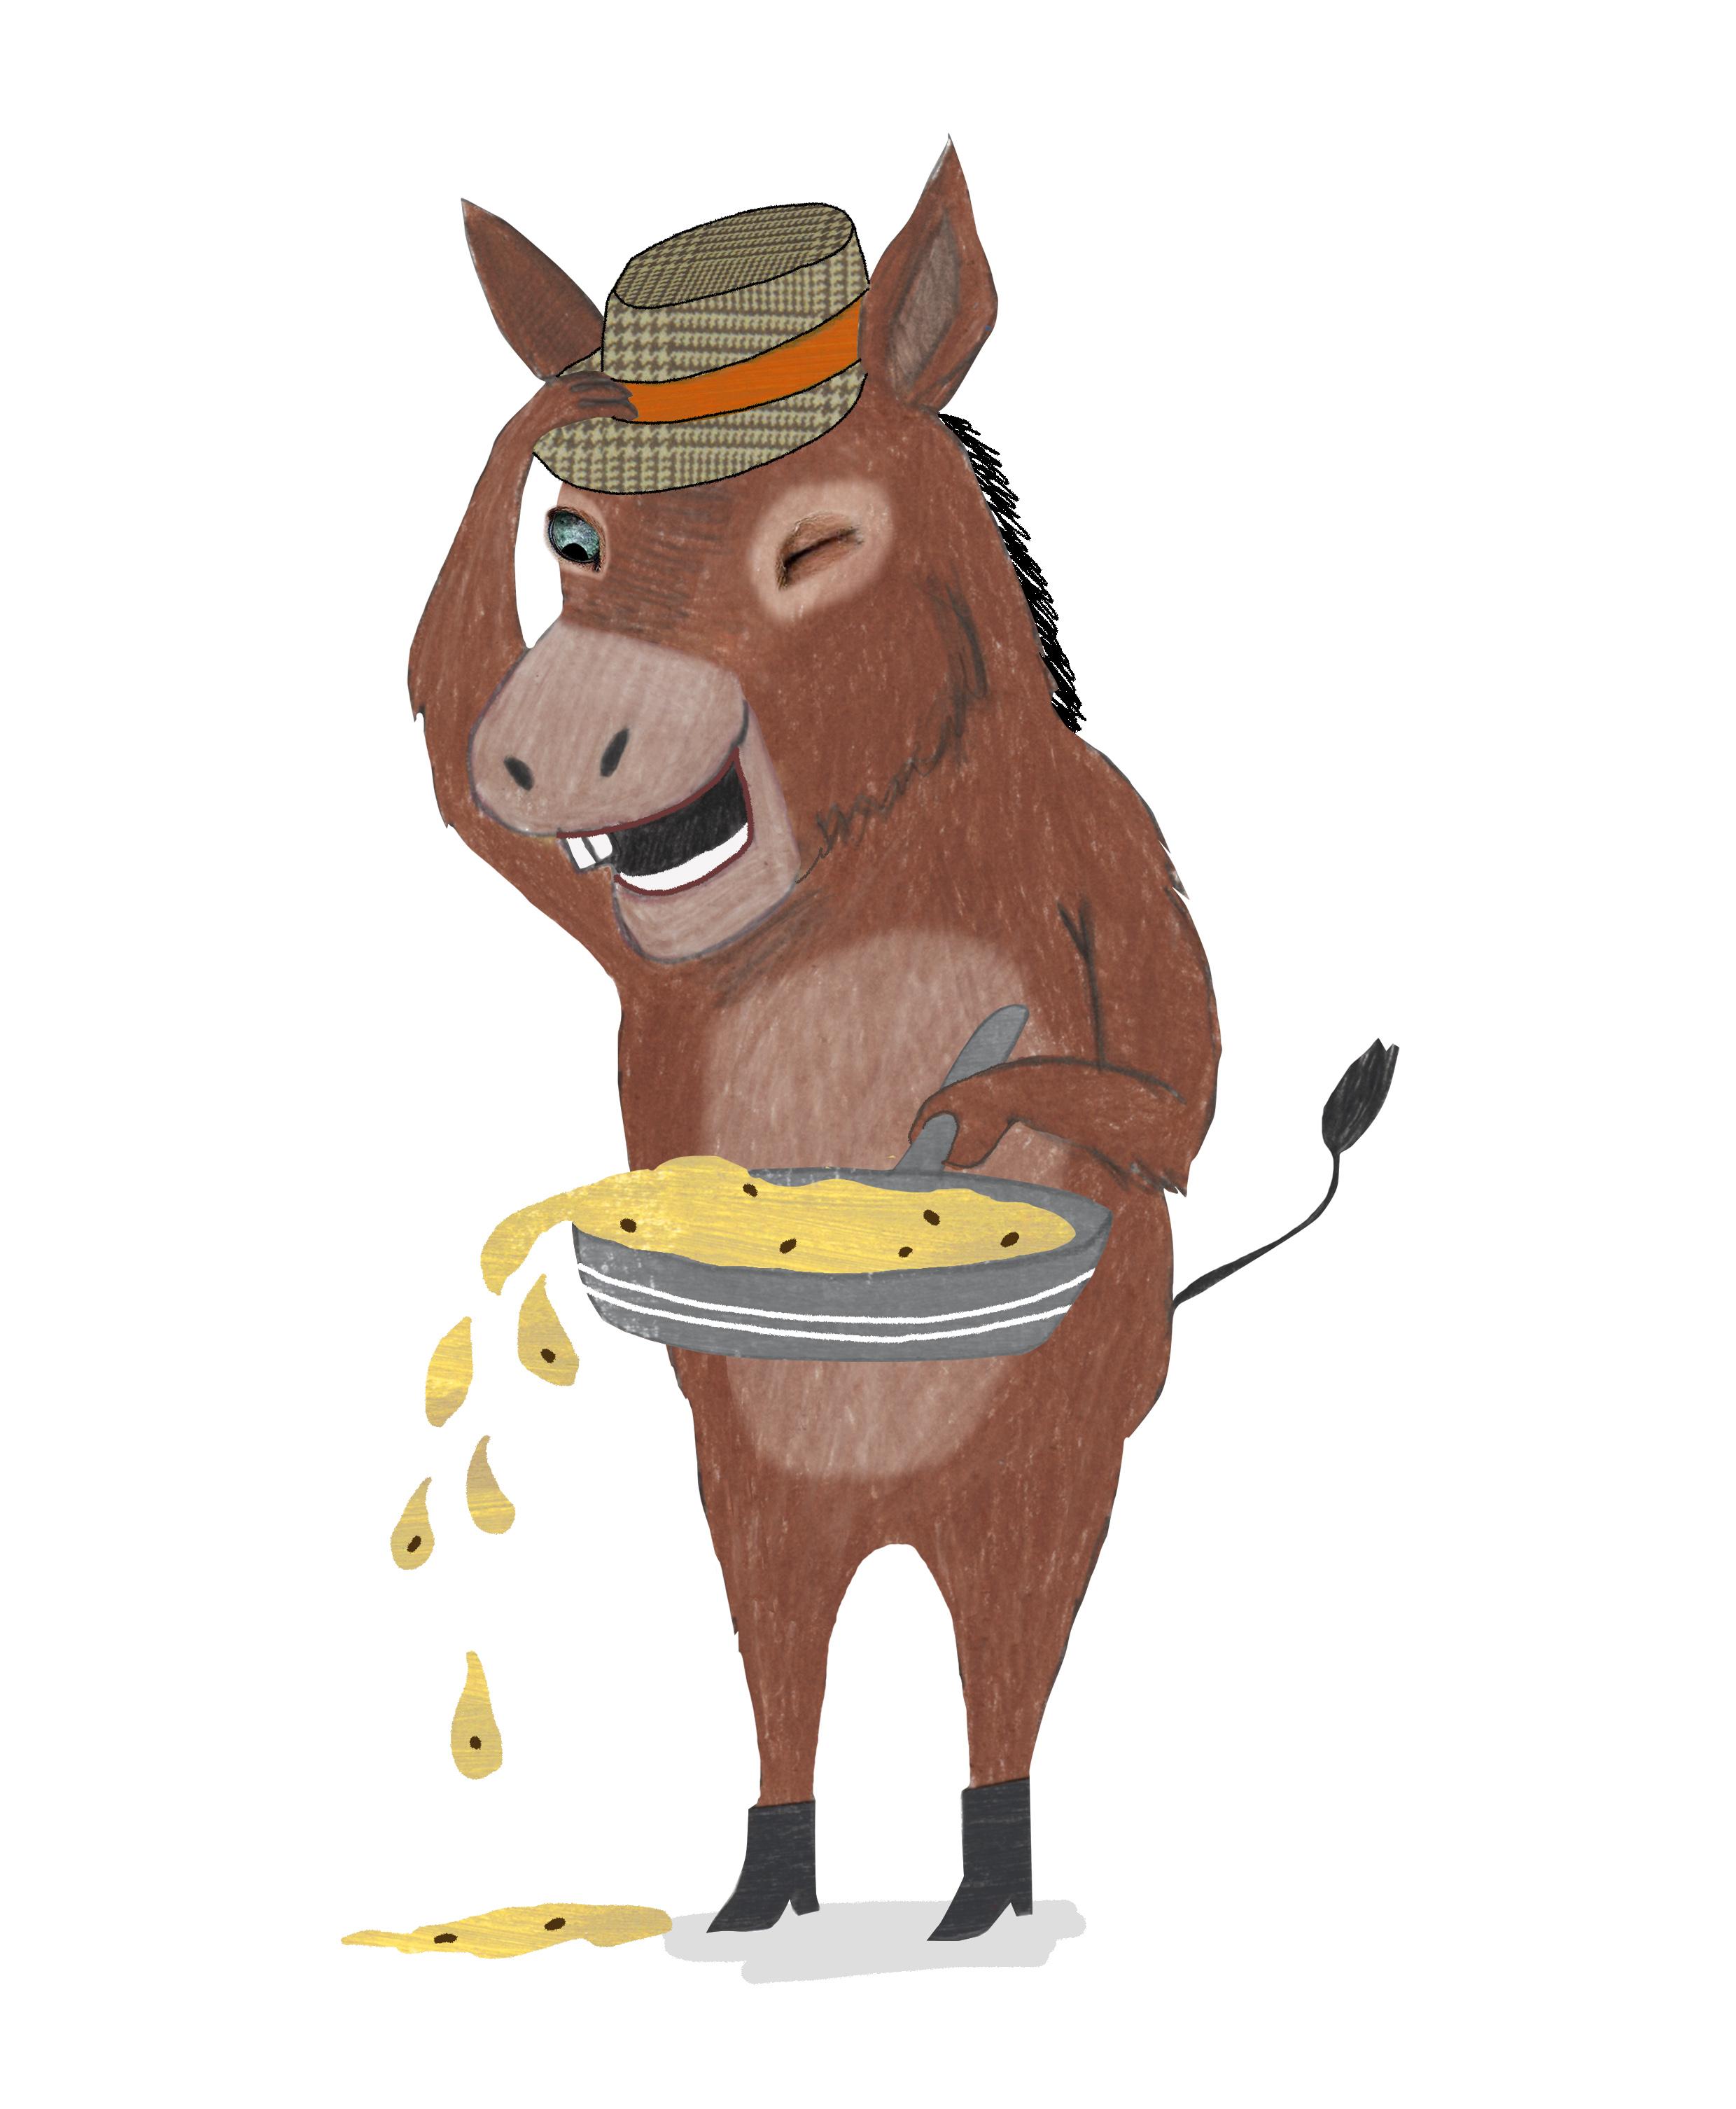 een ezel met een hoed is altijd goed